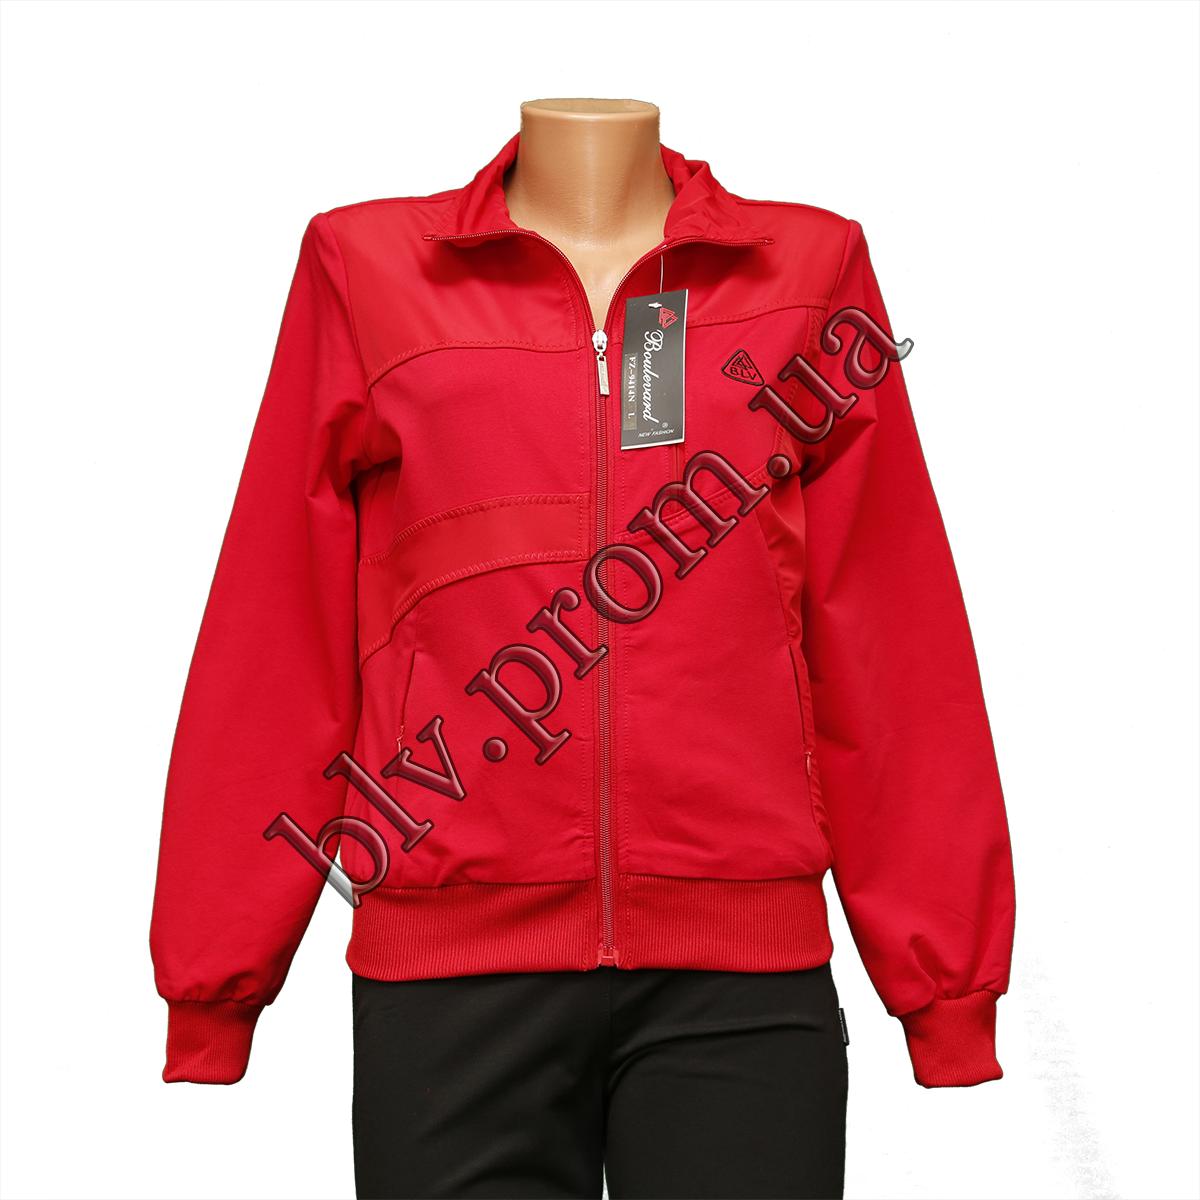 Женская спортивная одежда интернет магазин доставка